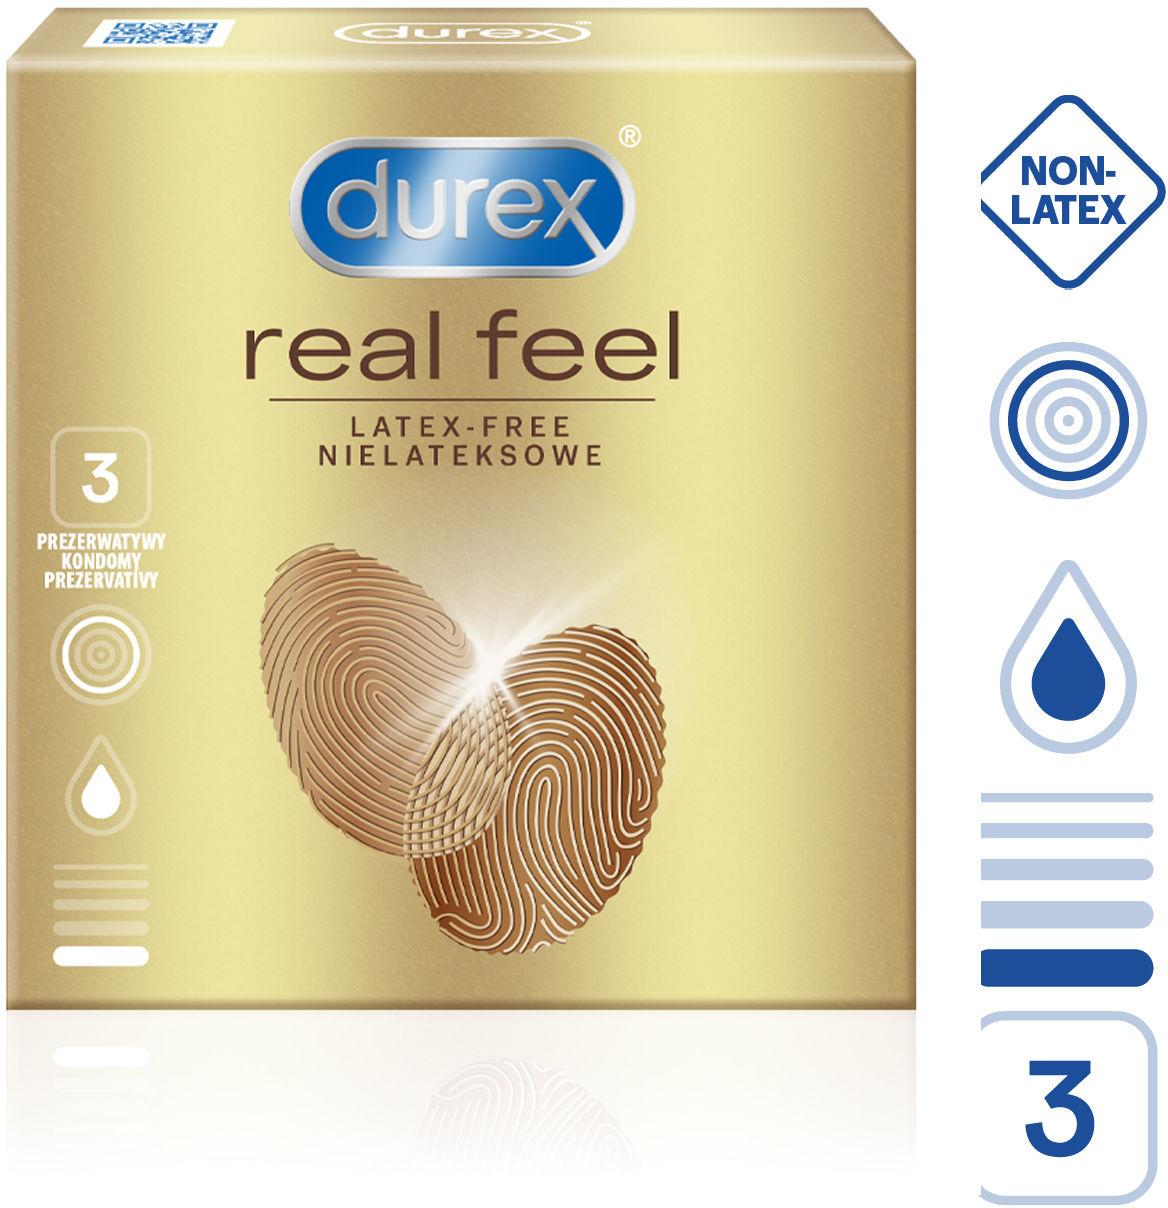 Durex Real Feel 3 pack